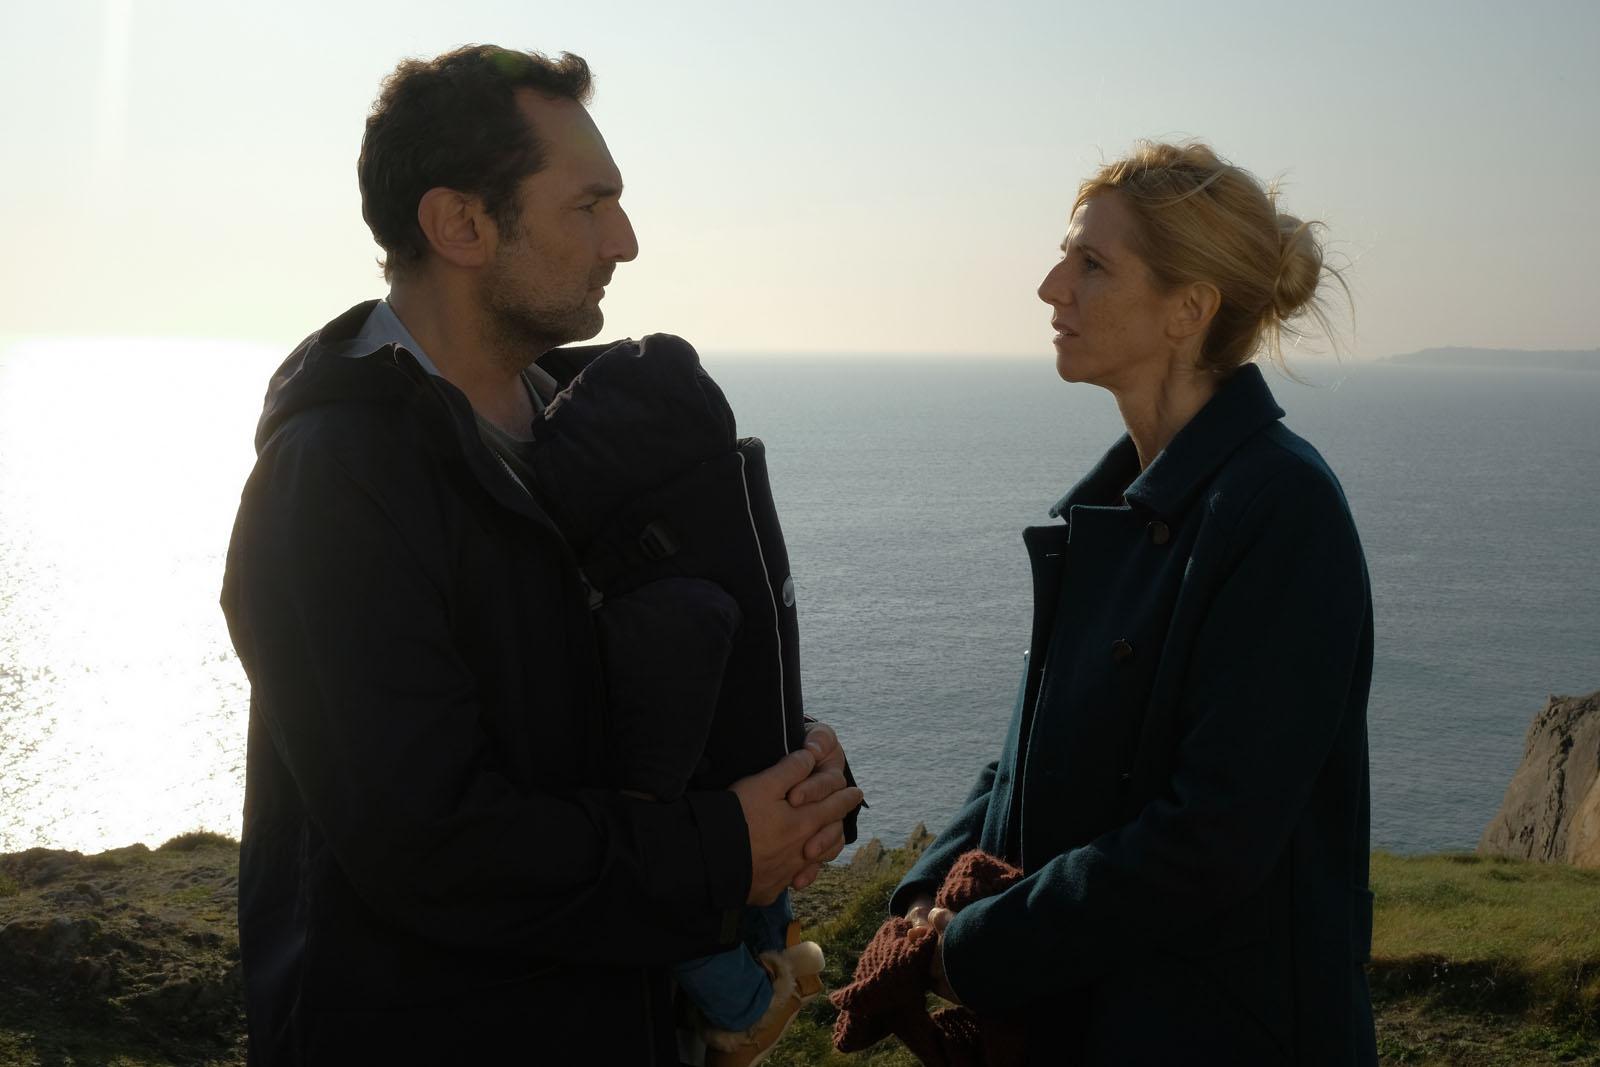 Pupille critique film avis Sandrine Kiberlain Gilles Lelouche